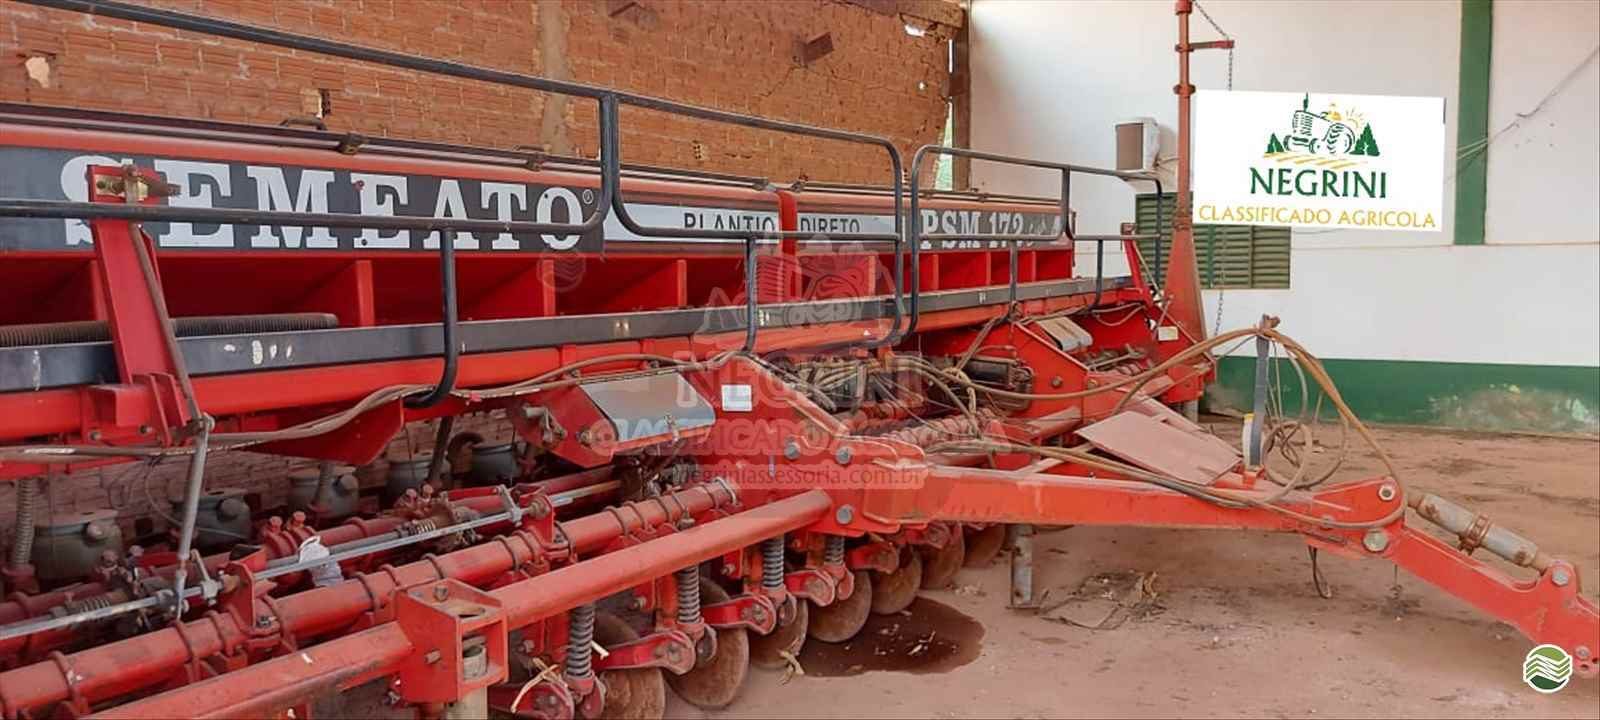 PLANTADEIRA SEMEATO SEMEATO PSM 172 Negrini Plantadeiras FLORESTA PARANÁ PR